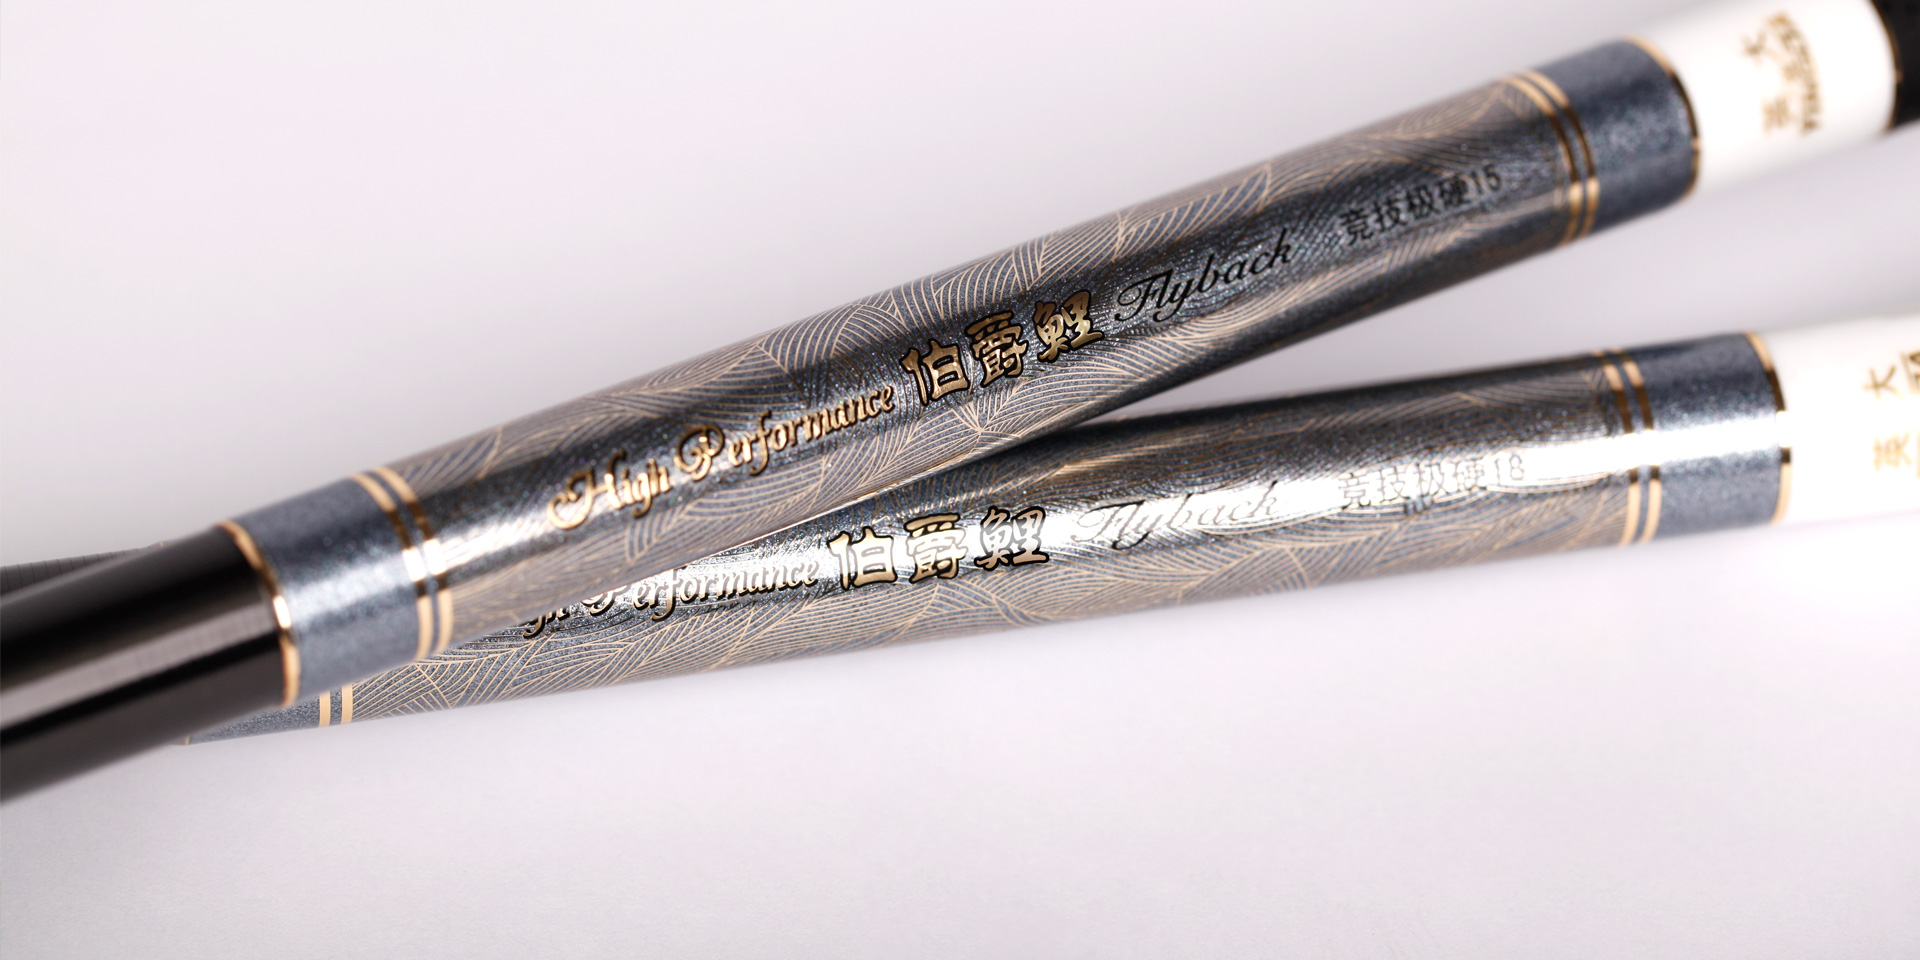 涂装设计为银灰色彩粉闪金搭配炫酷黑色,低调沉稳,段涂处金色线丝纹理镶嵌,彰显复古优雅的同时又醒目出彩